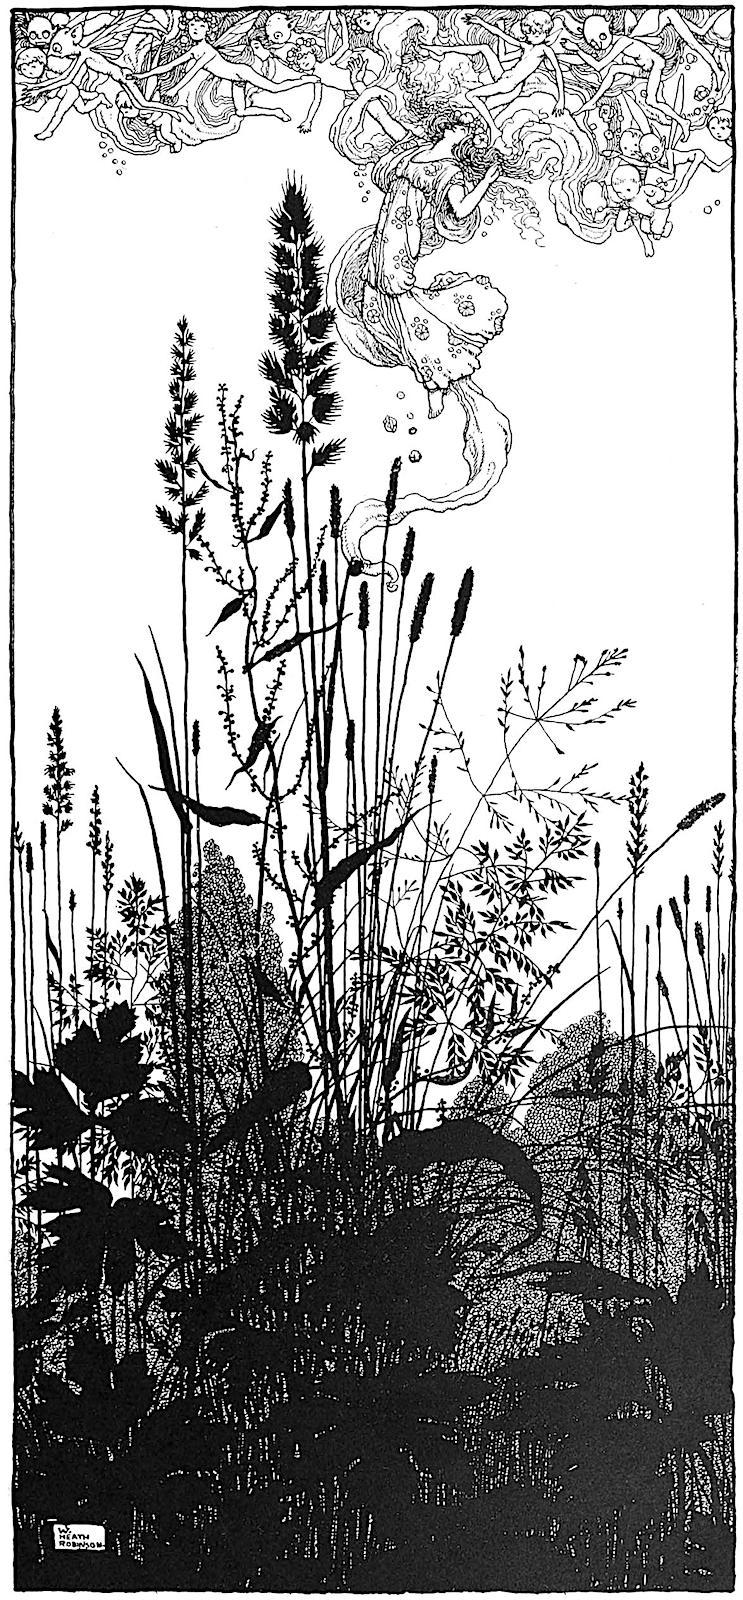 a W. Heath Robinson illustration